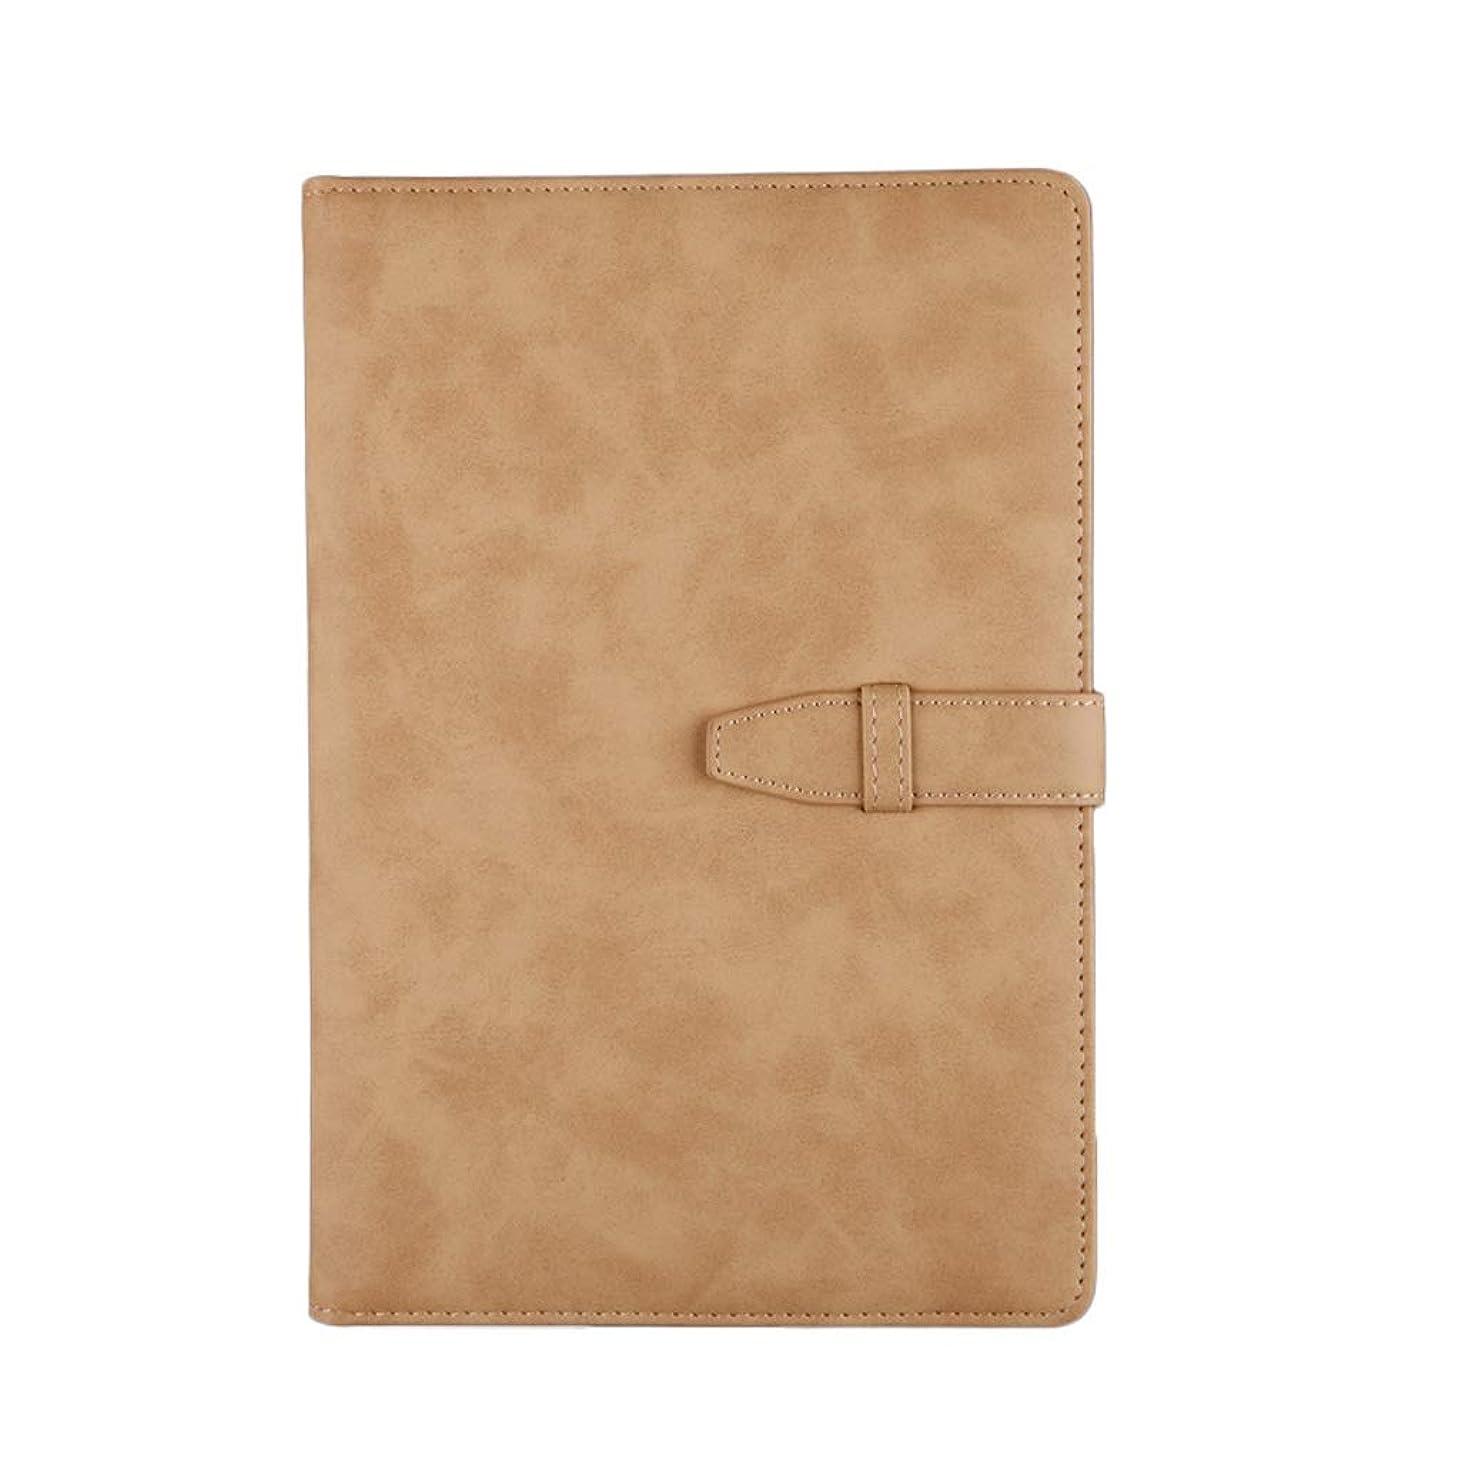 厚手のノート A5ノートブックレザーベルトバックル日記ノートブックビジネス会議の記録オフィス会議の記録のノート厚手のノート ポータブル (Color : Brown, サイズ : 15*22cm)